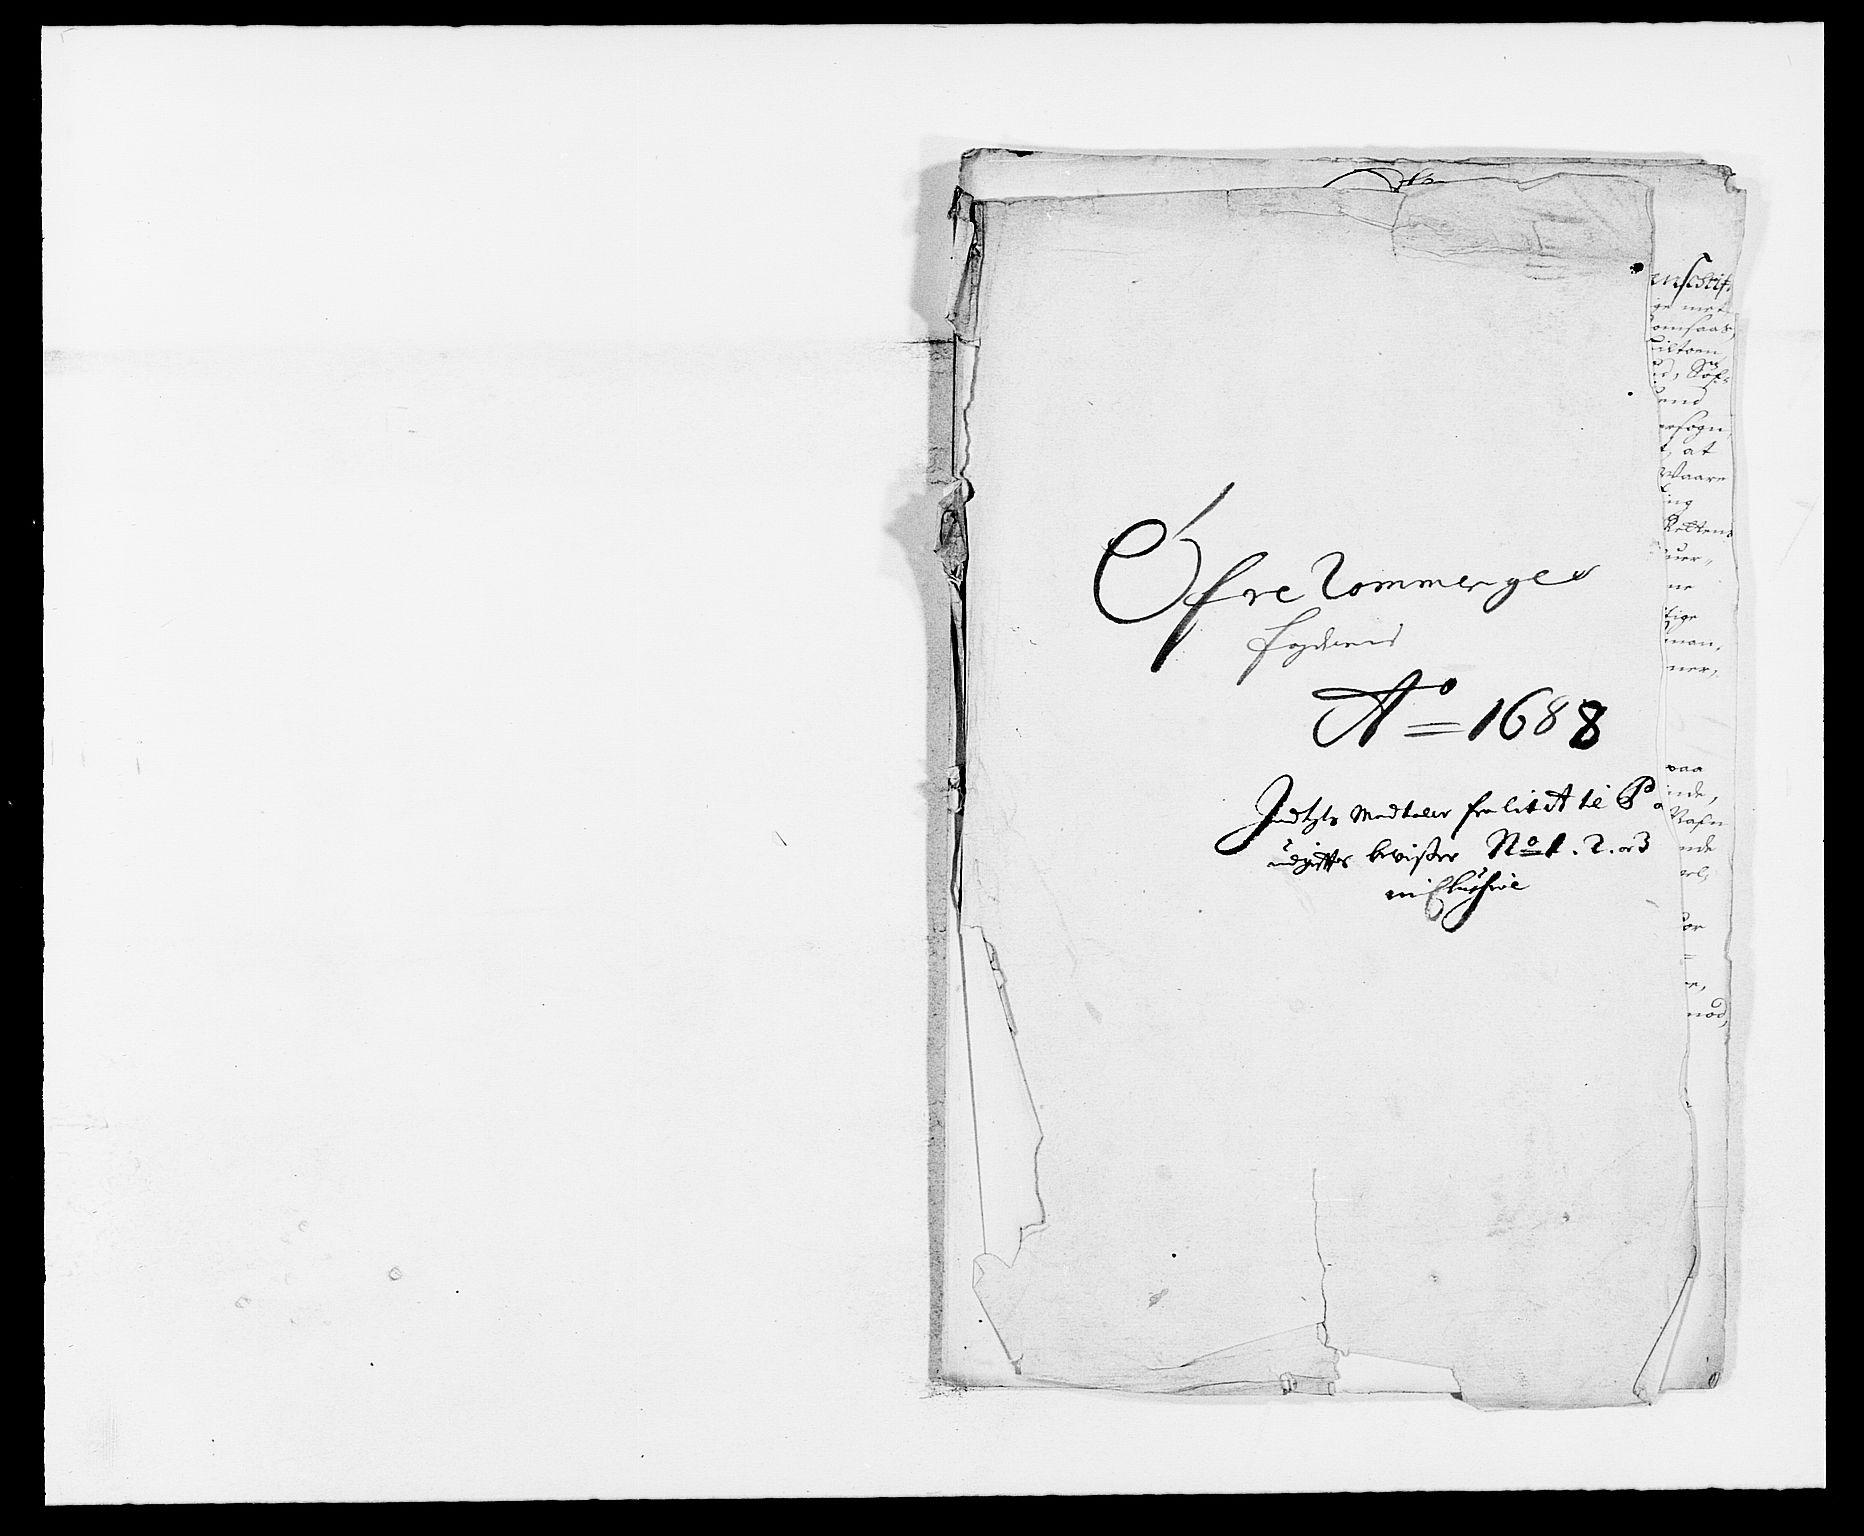 RA, Rentekammeret inntil 1814, Reviderte regnskaper, Fogderegnskap, R12/L0700: Fogderegnskap Øvre Romerike, 1687-1688, s. 447